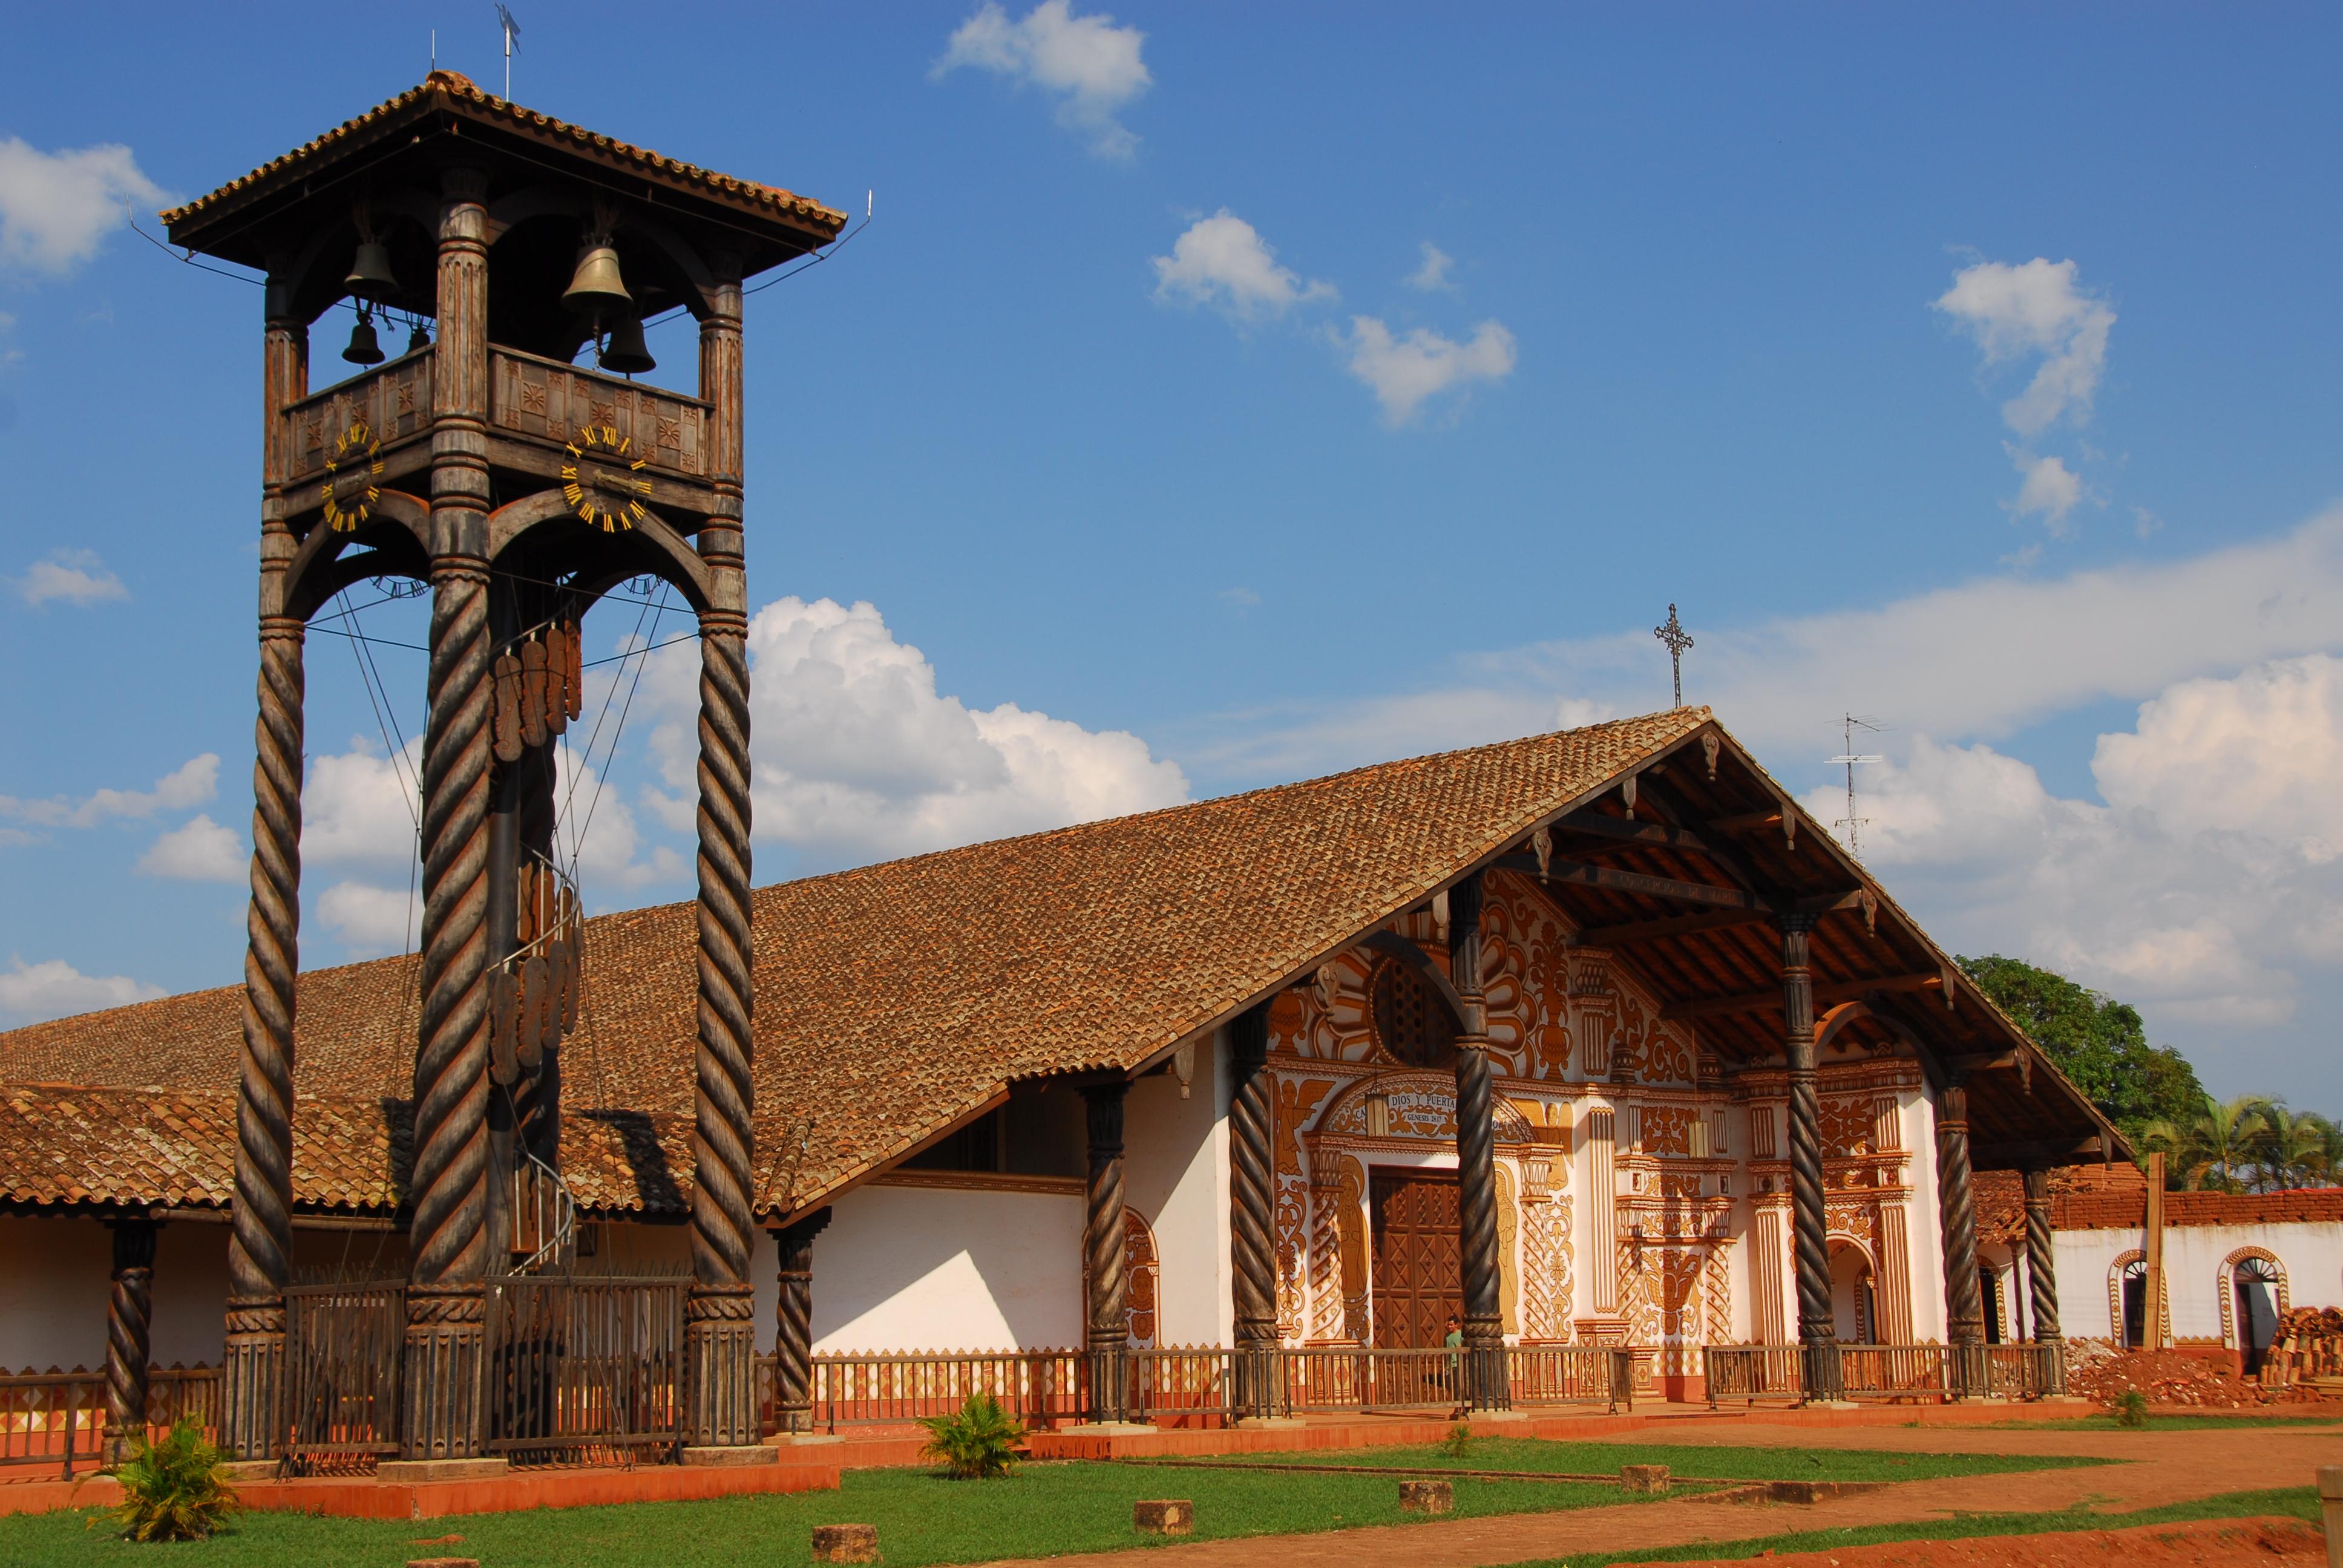 Concepcion Church, Chiquitos, Bolivia